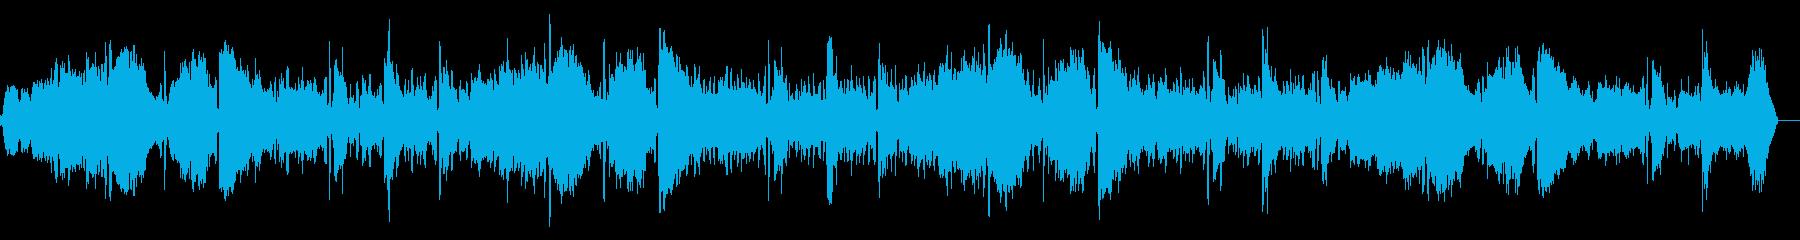 ダークなシネマアンビエントの再生済みの波形